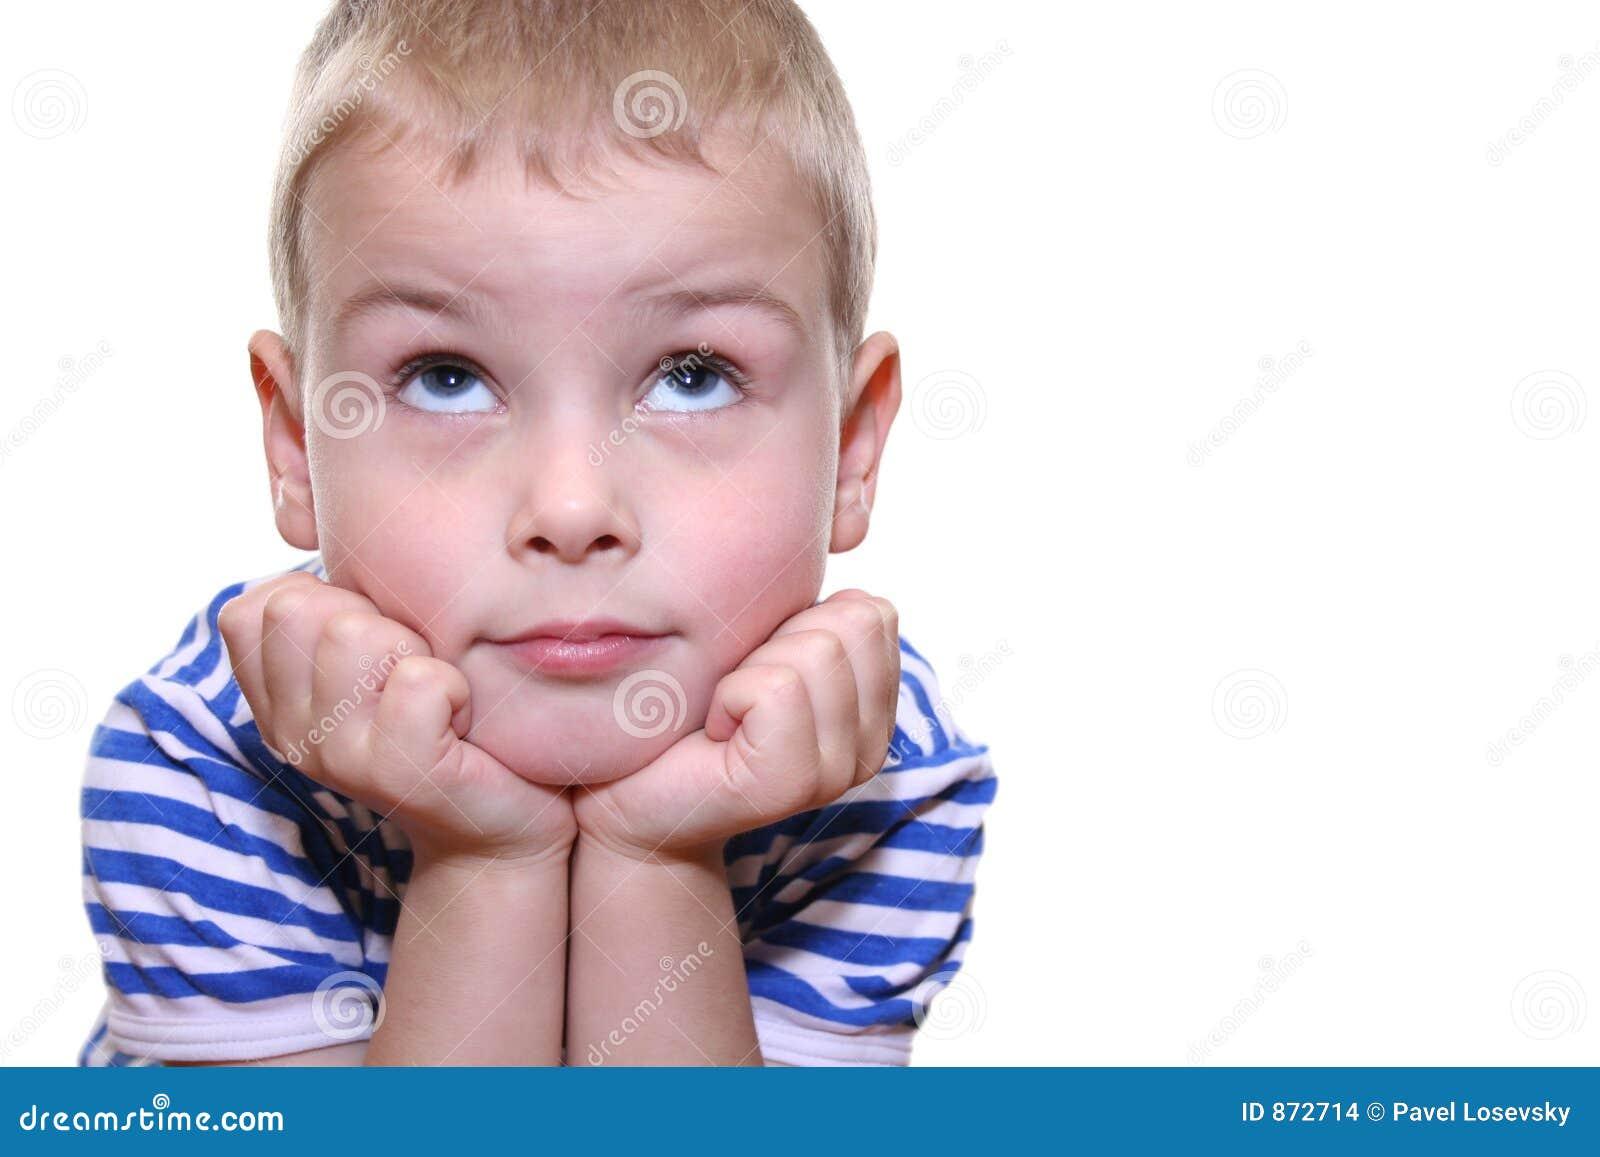 изображение мальчика: